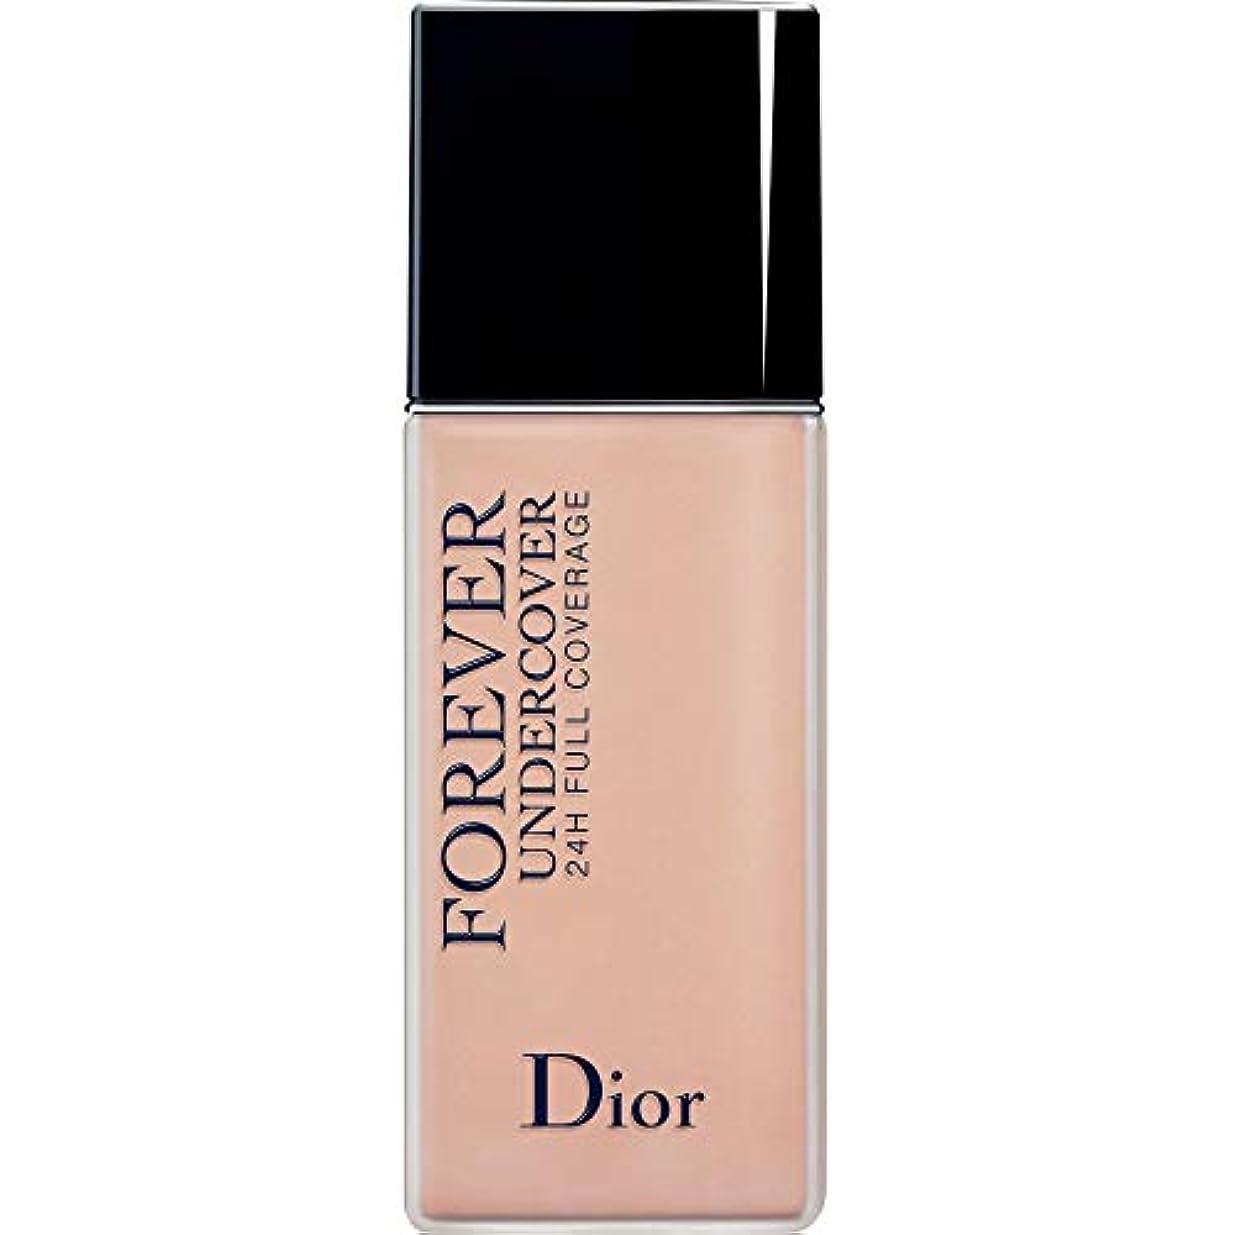 ナプキンみがきます子孫[Dior ] ディオールディオールスキン永遠アンダーカバーフルカバーの基礎40ミリリットル024 - ソフトアーモンド - DIOR Diorskin Forever Undercover Full Coverage...